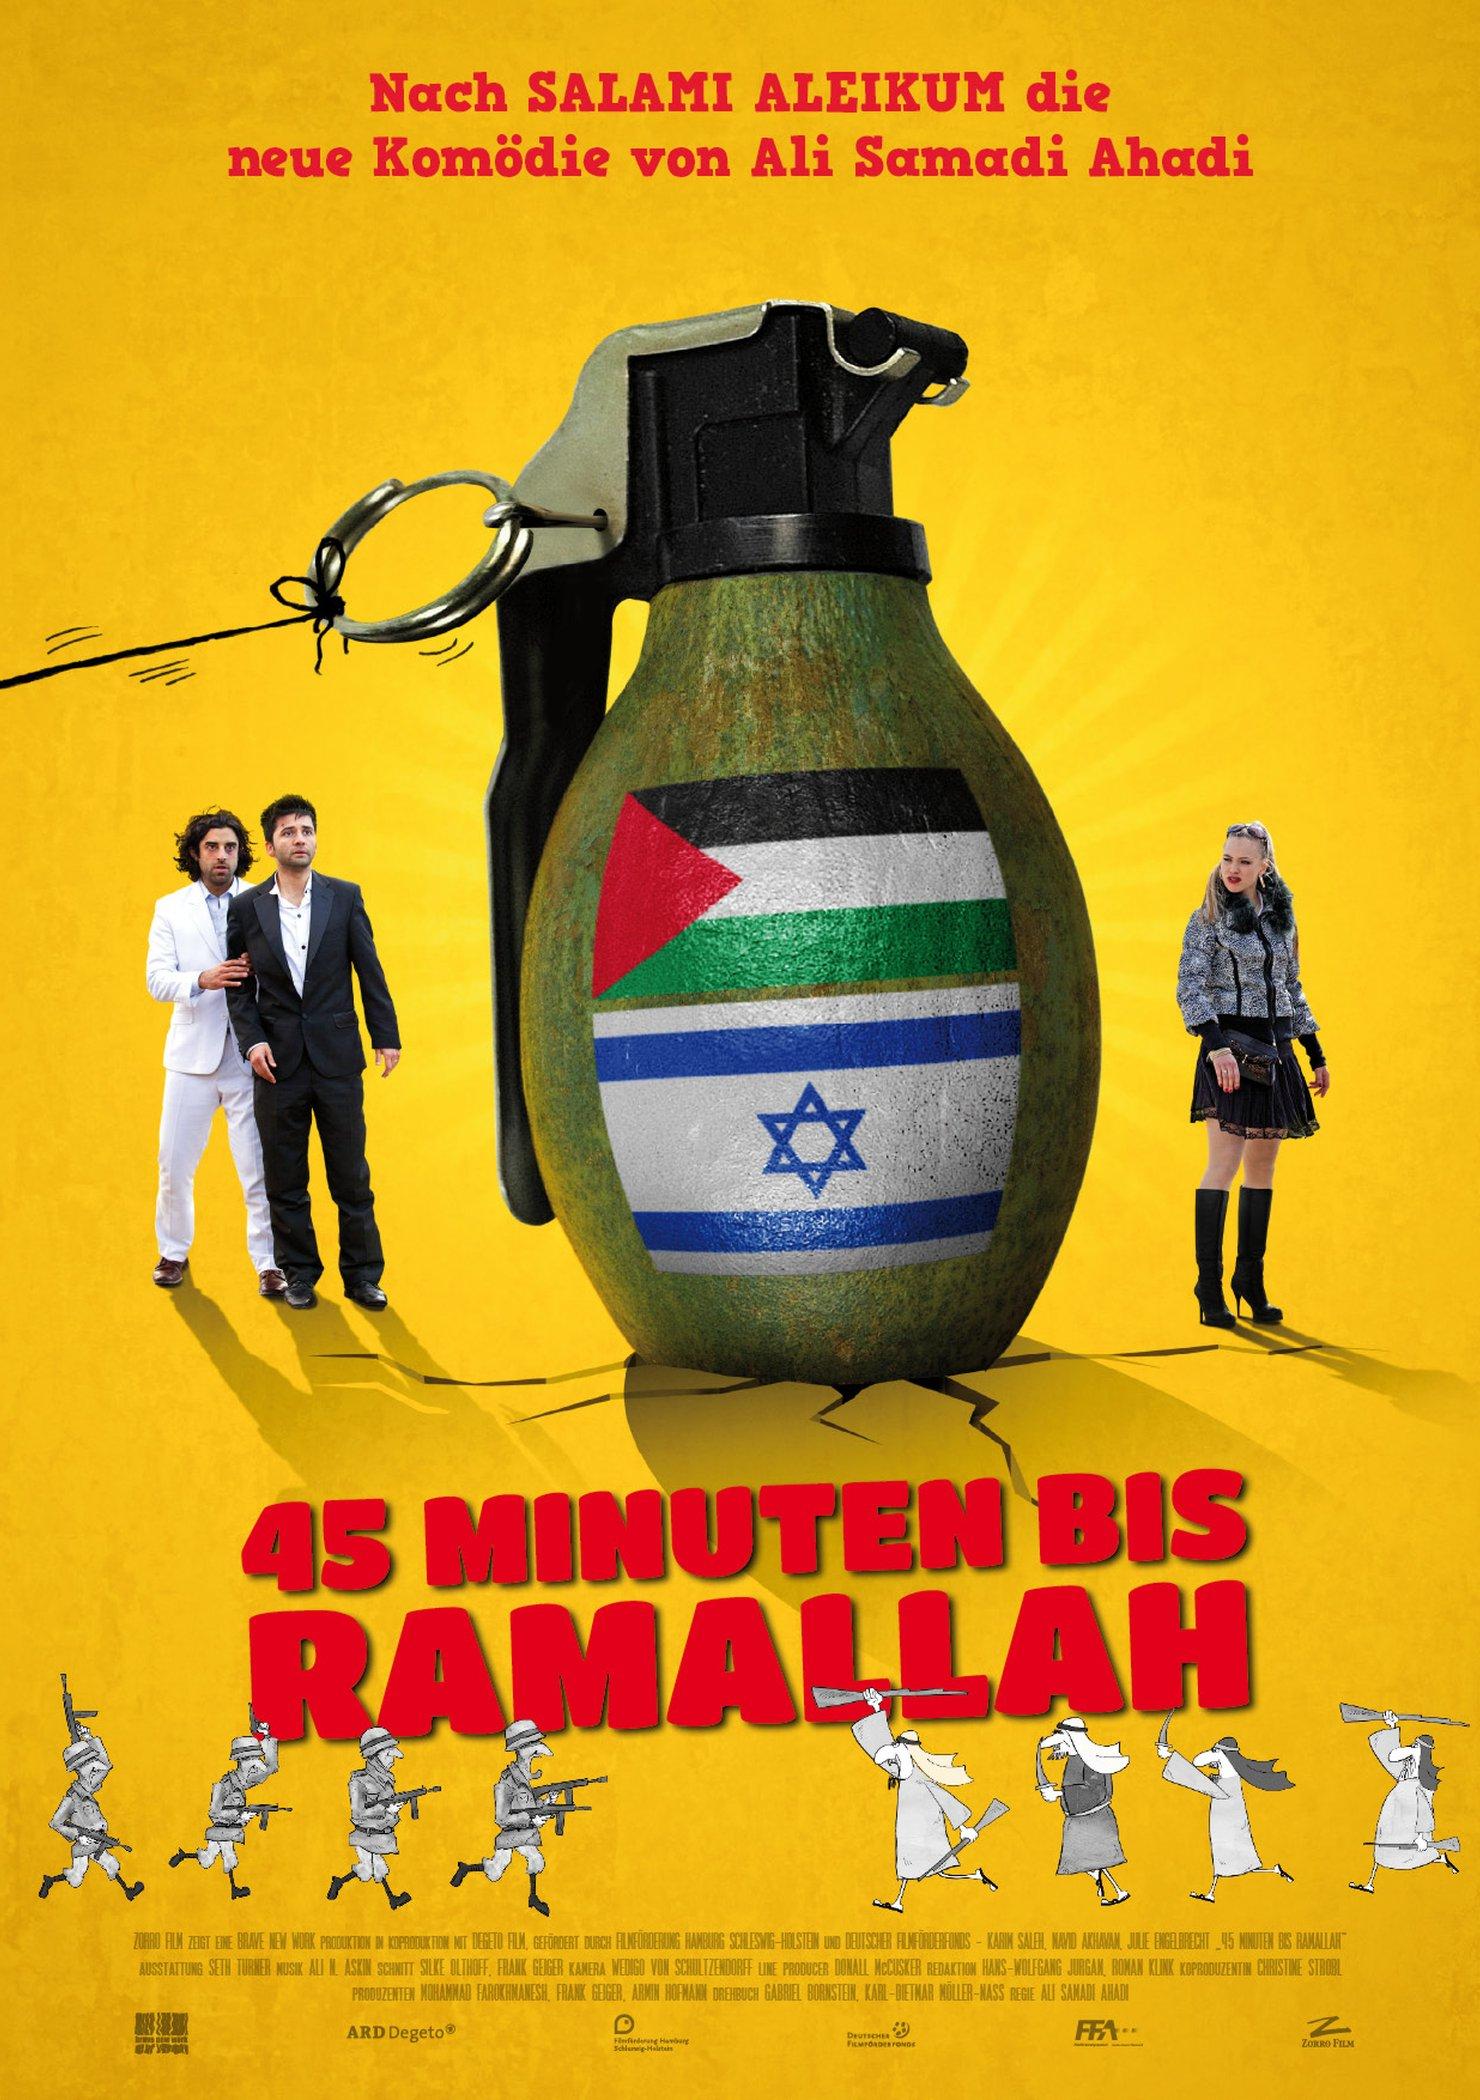 45 Minuten bis Ramallah (Poster)